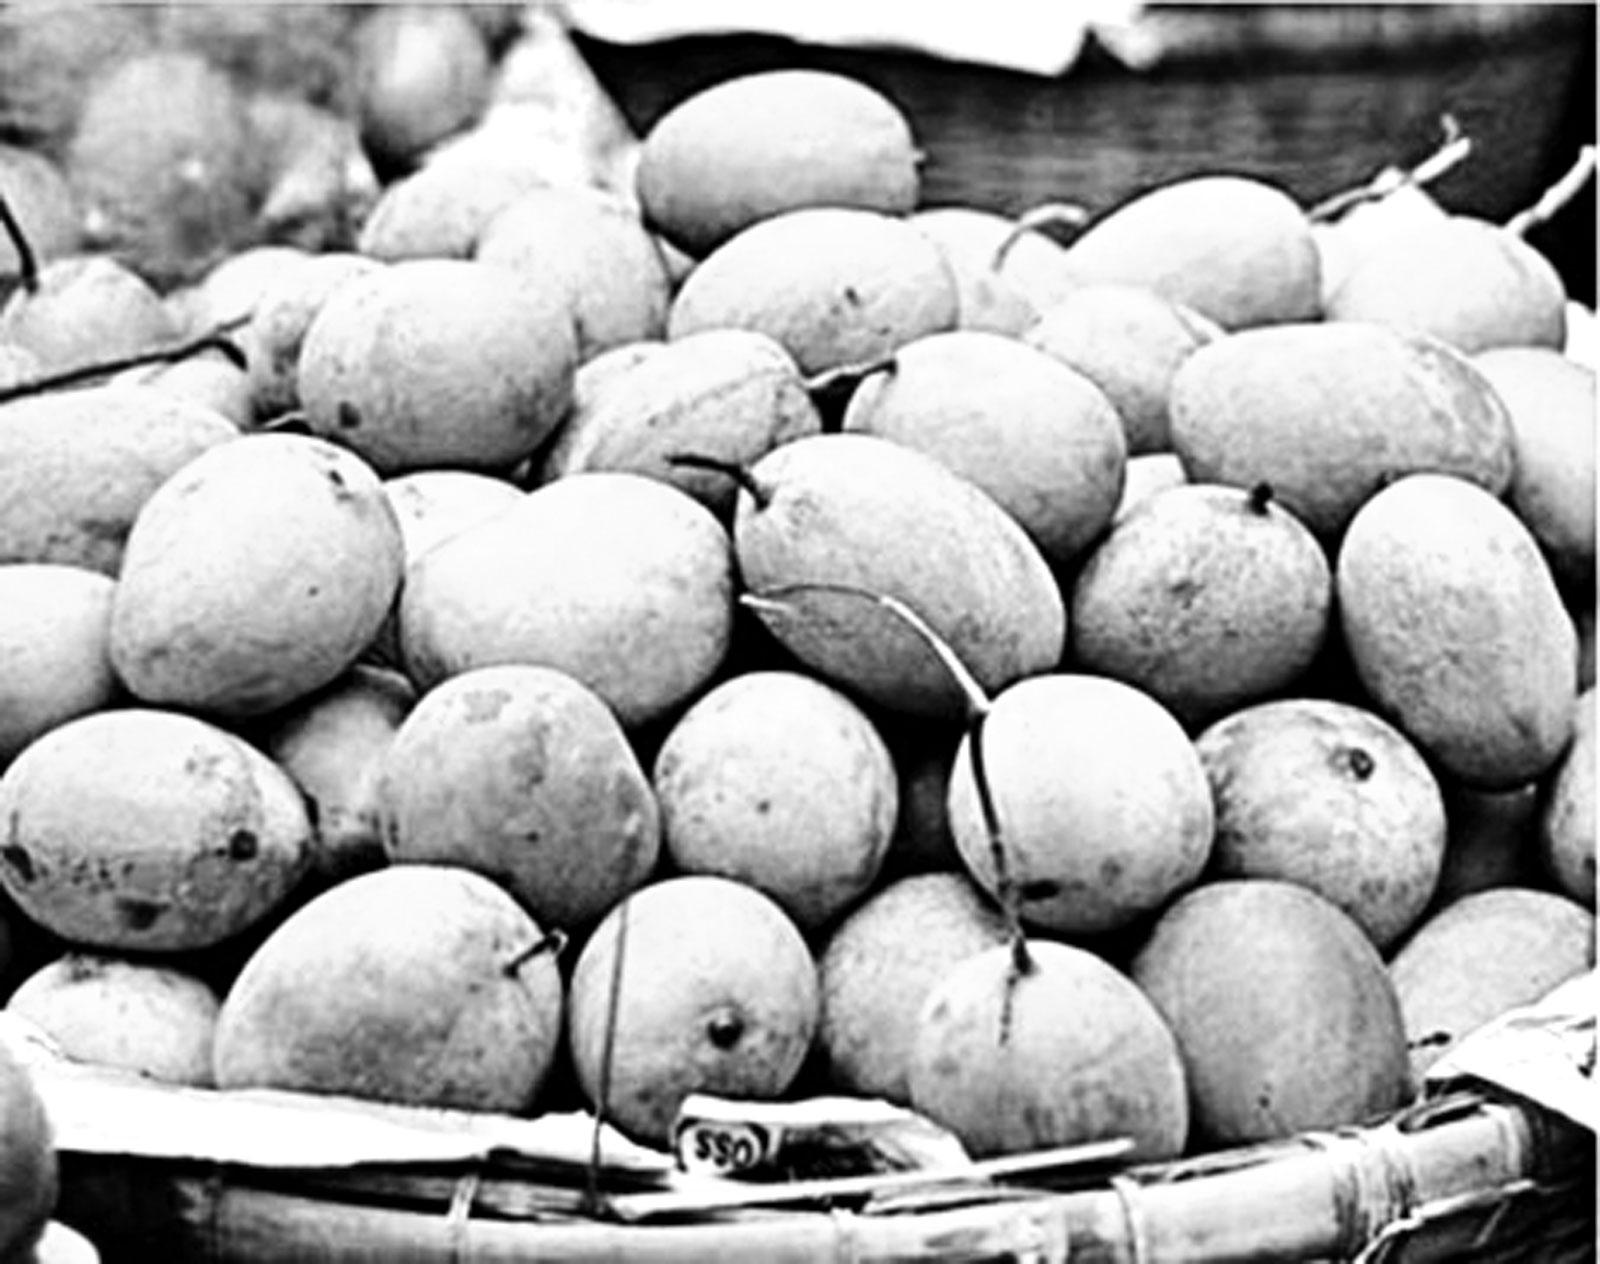 কলাপাড়ায় সস্তায় 'লক্ষ্না' আম কিনতে মানুষের ভিড়